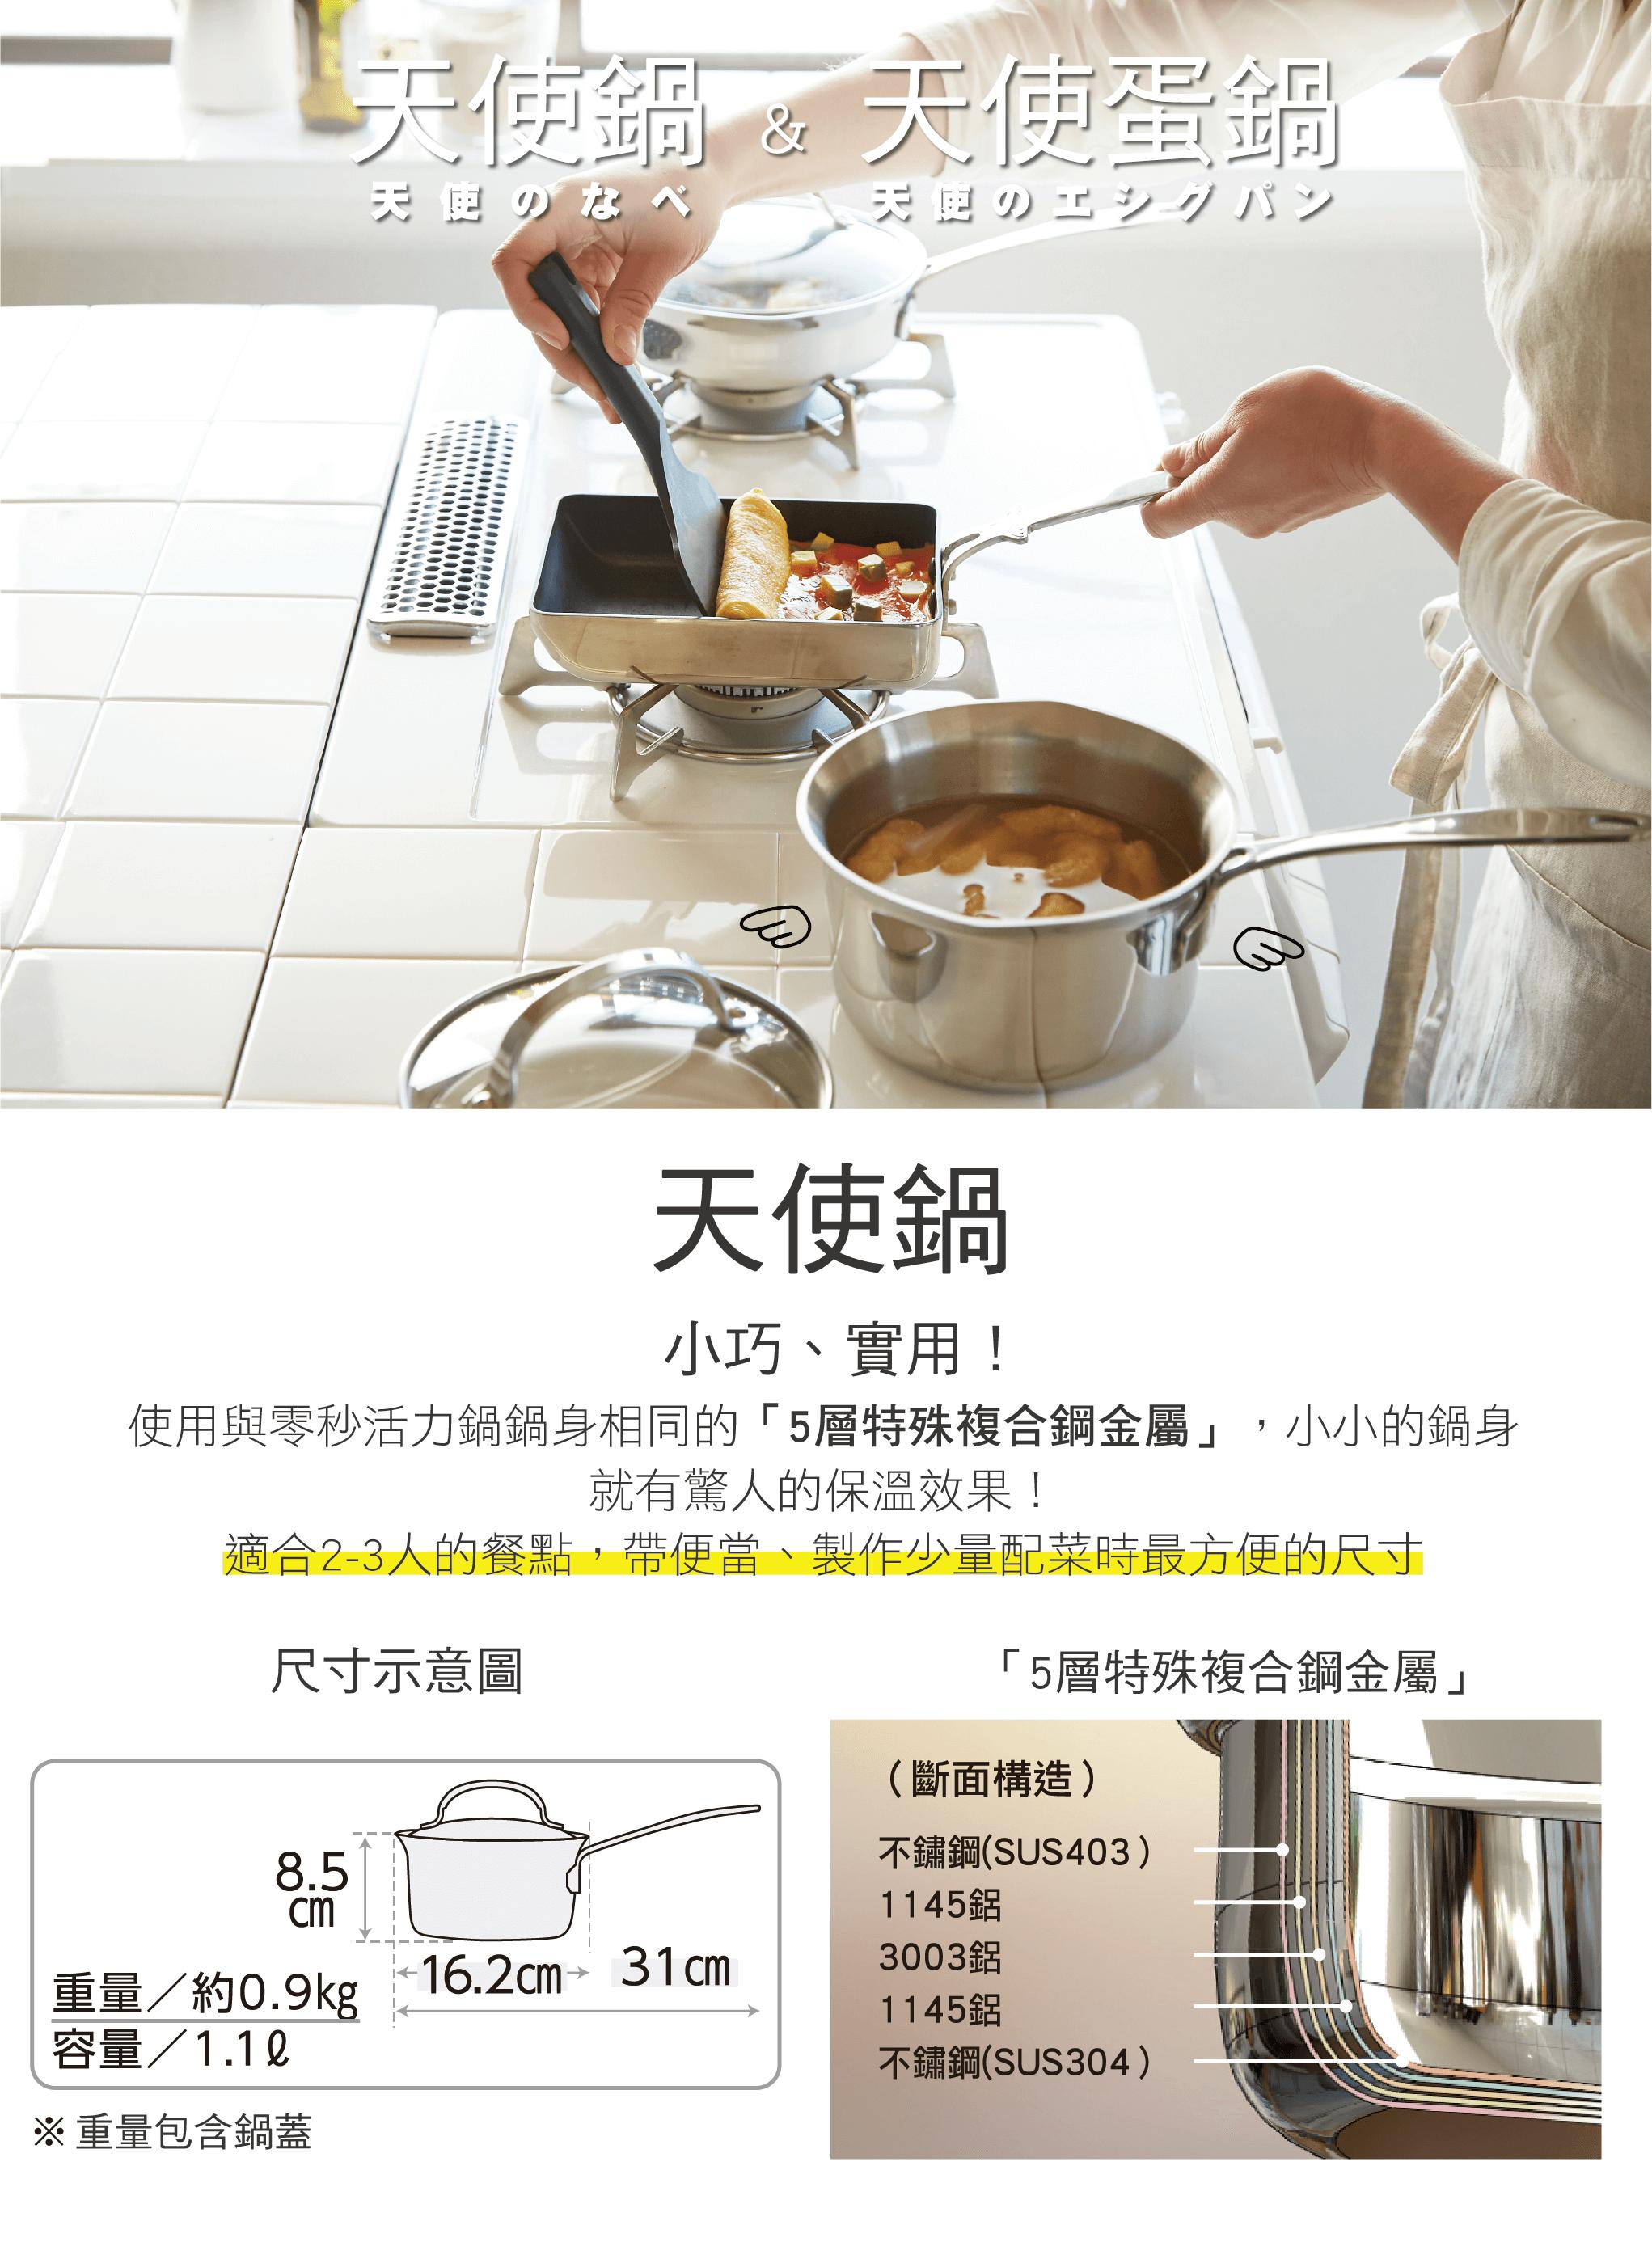 天使鍋,不鏽鋼鍋,不沾鍋,玉子燒,平底鍋,可愛鍋,蛋鍋